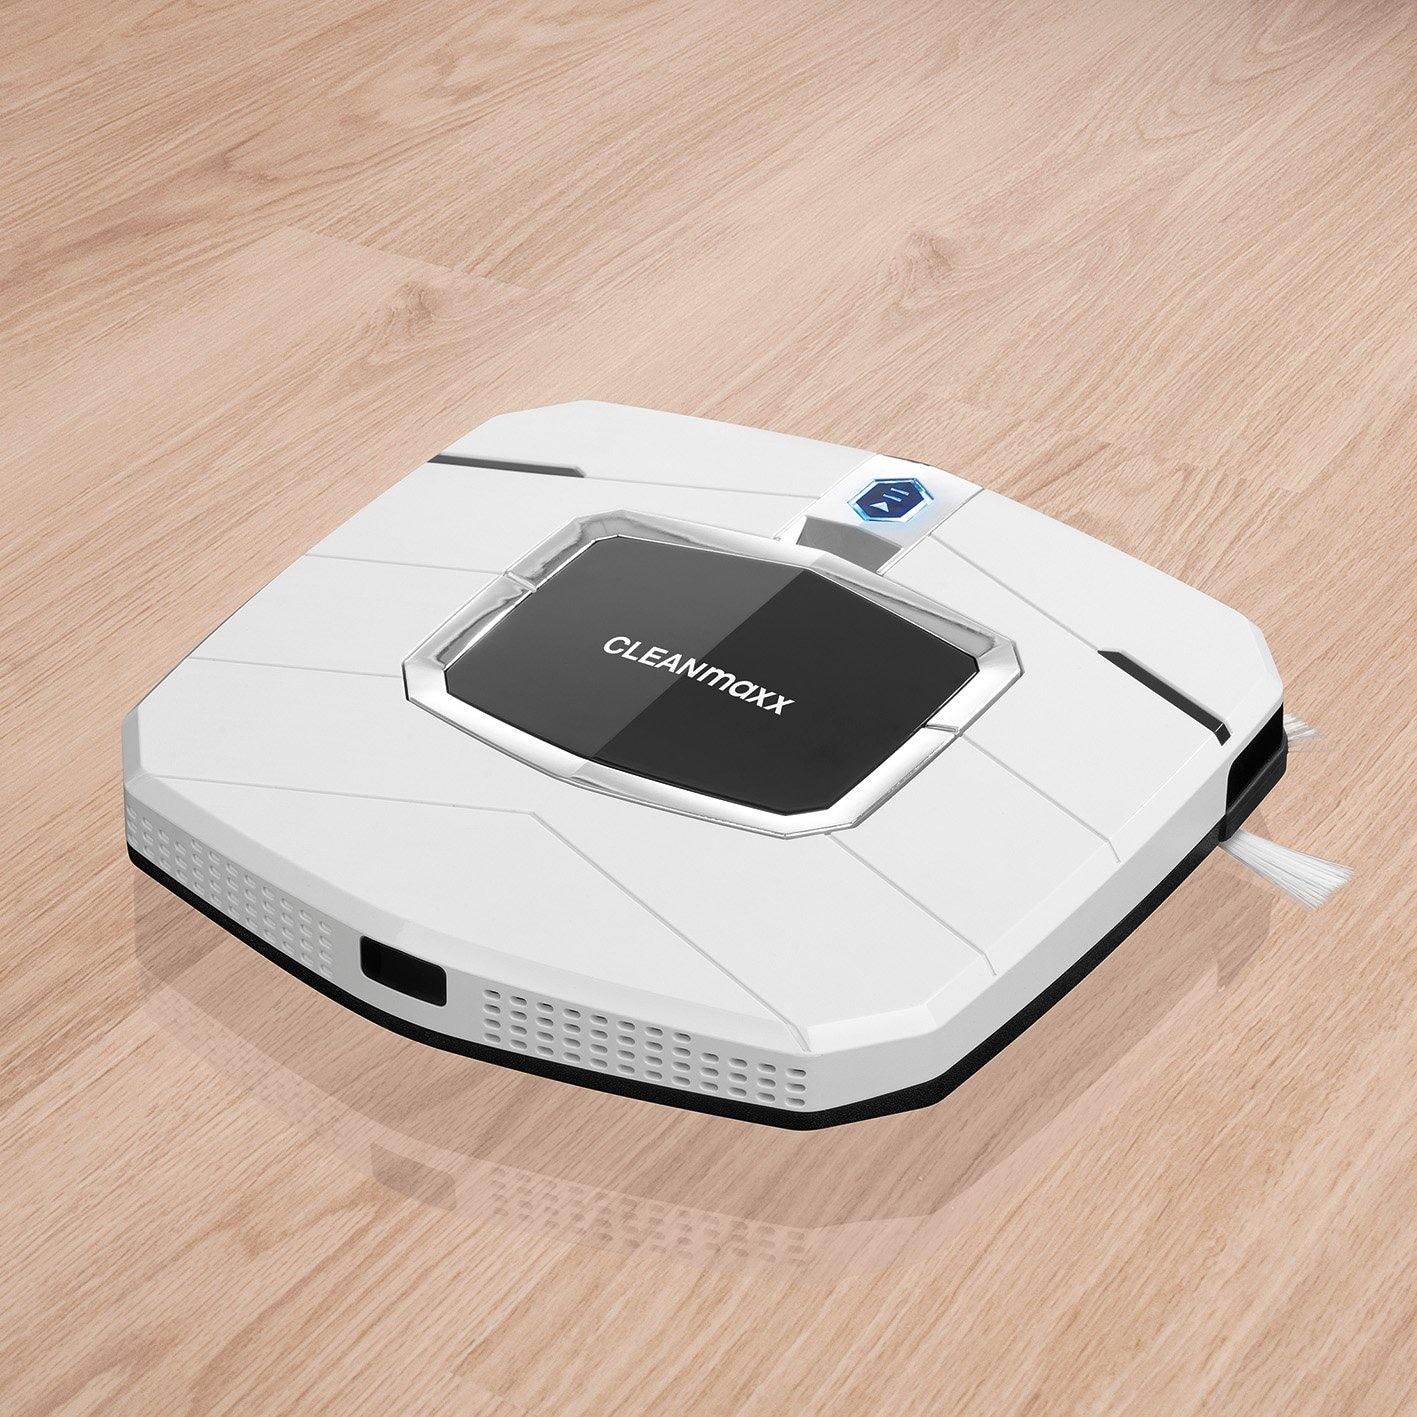 CLEANmaxx Saugroboter Slim Design in Weiß